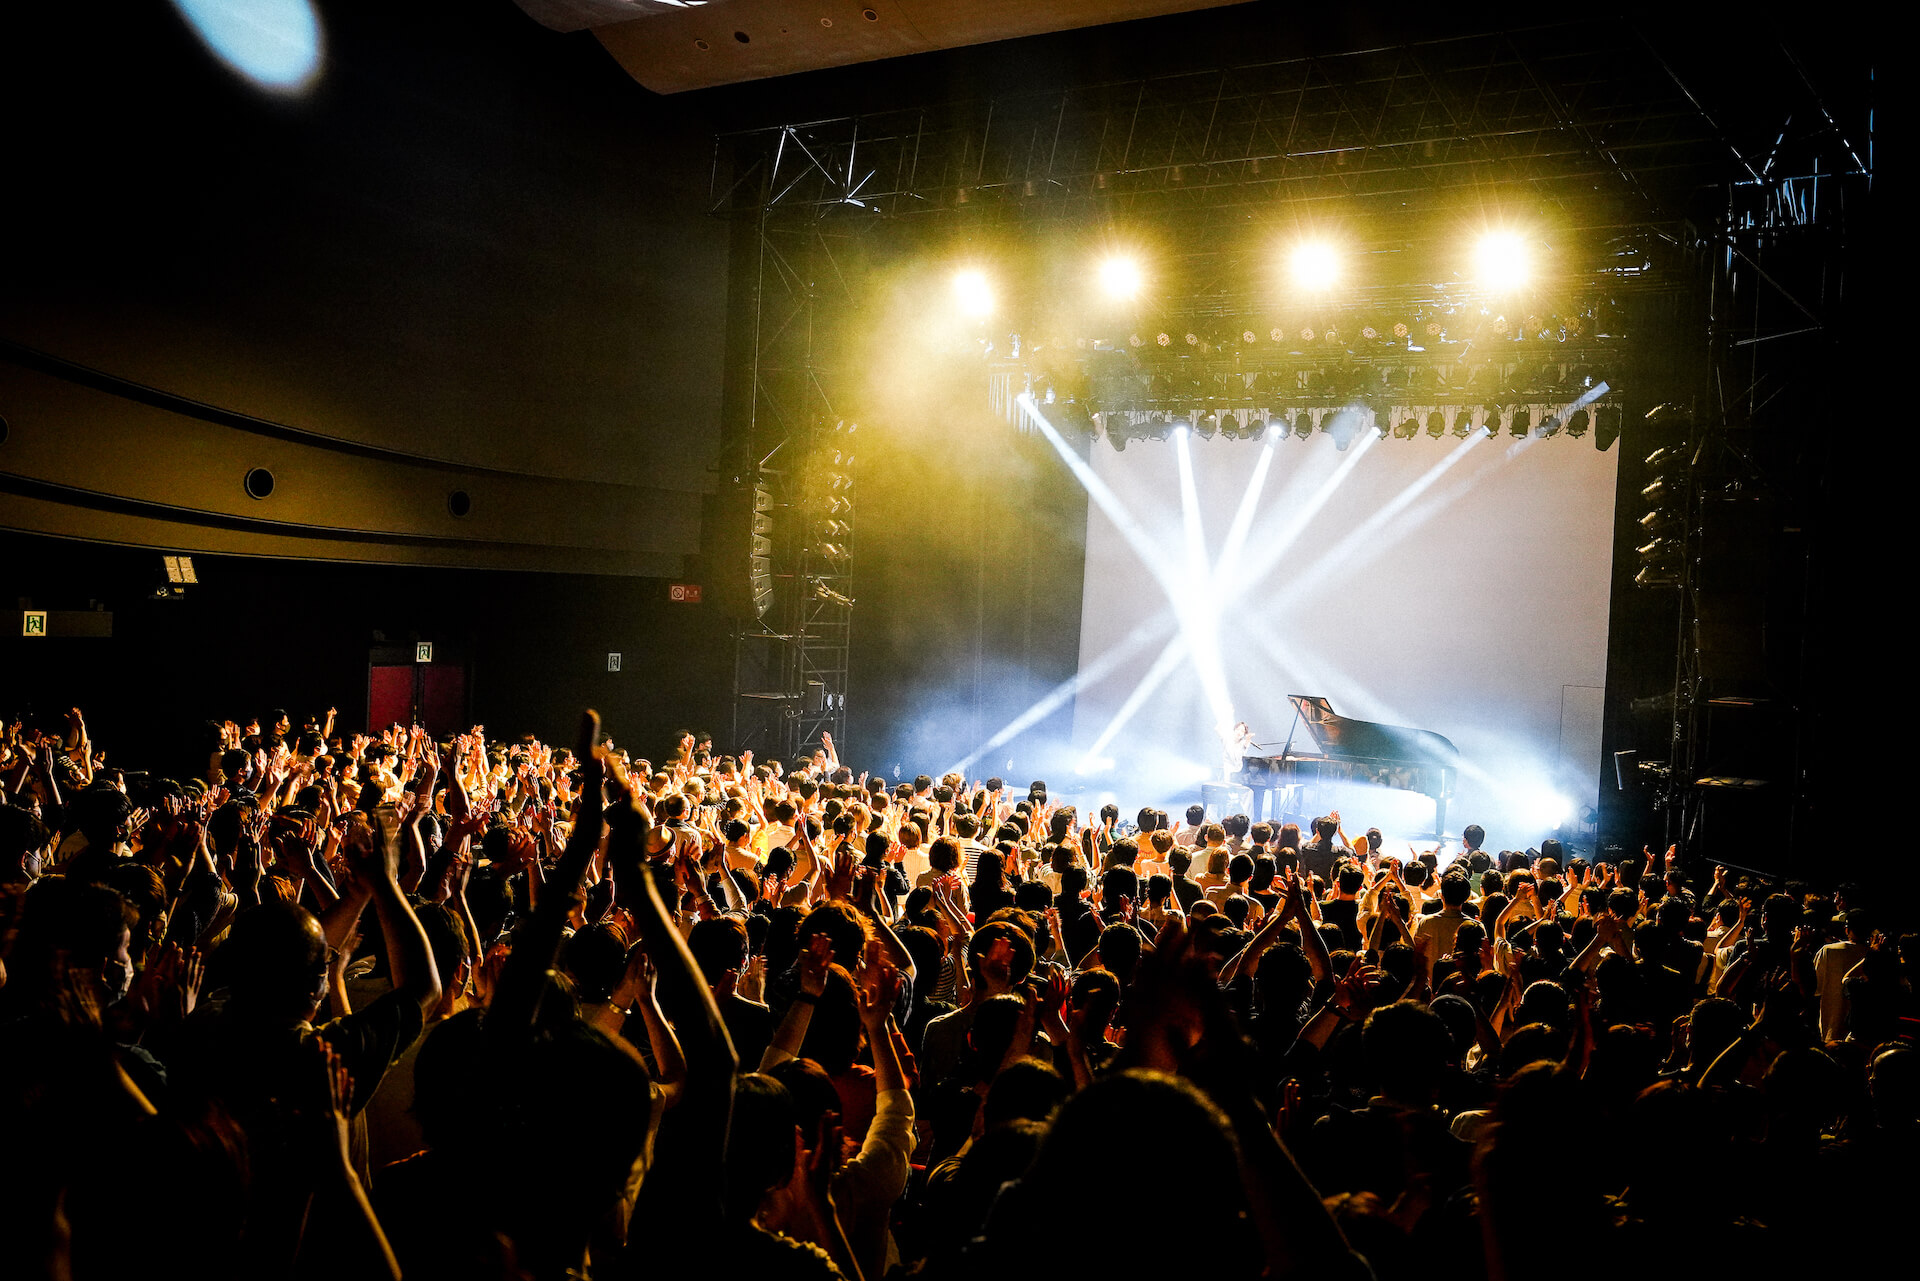 「また馬鹿な僕らで会おうぜ」━━日食なつこが1年4ヶ月ぶりの有観客ライブで魅せた<白亜>という新時代 column210712_nisshoku-natsuko-03